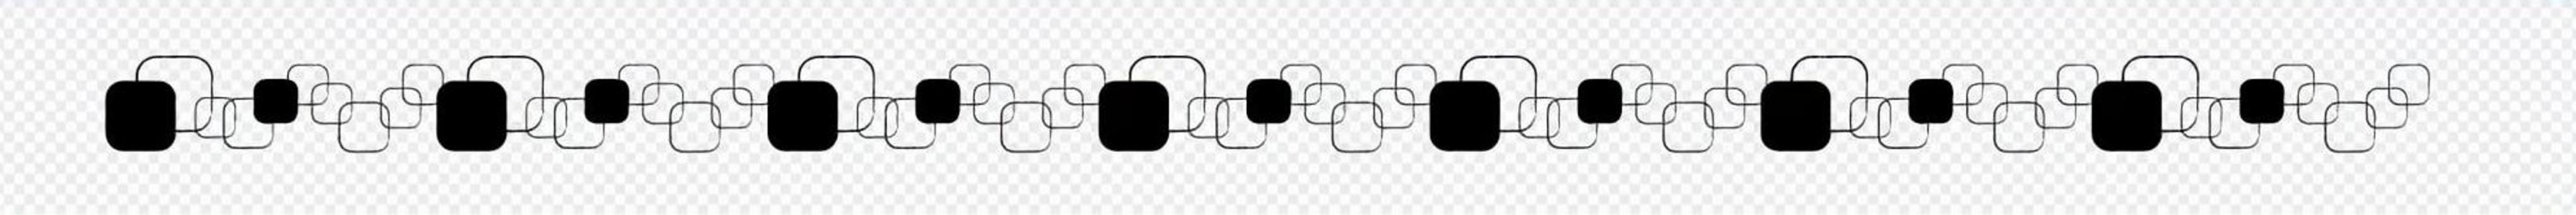 Square line